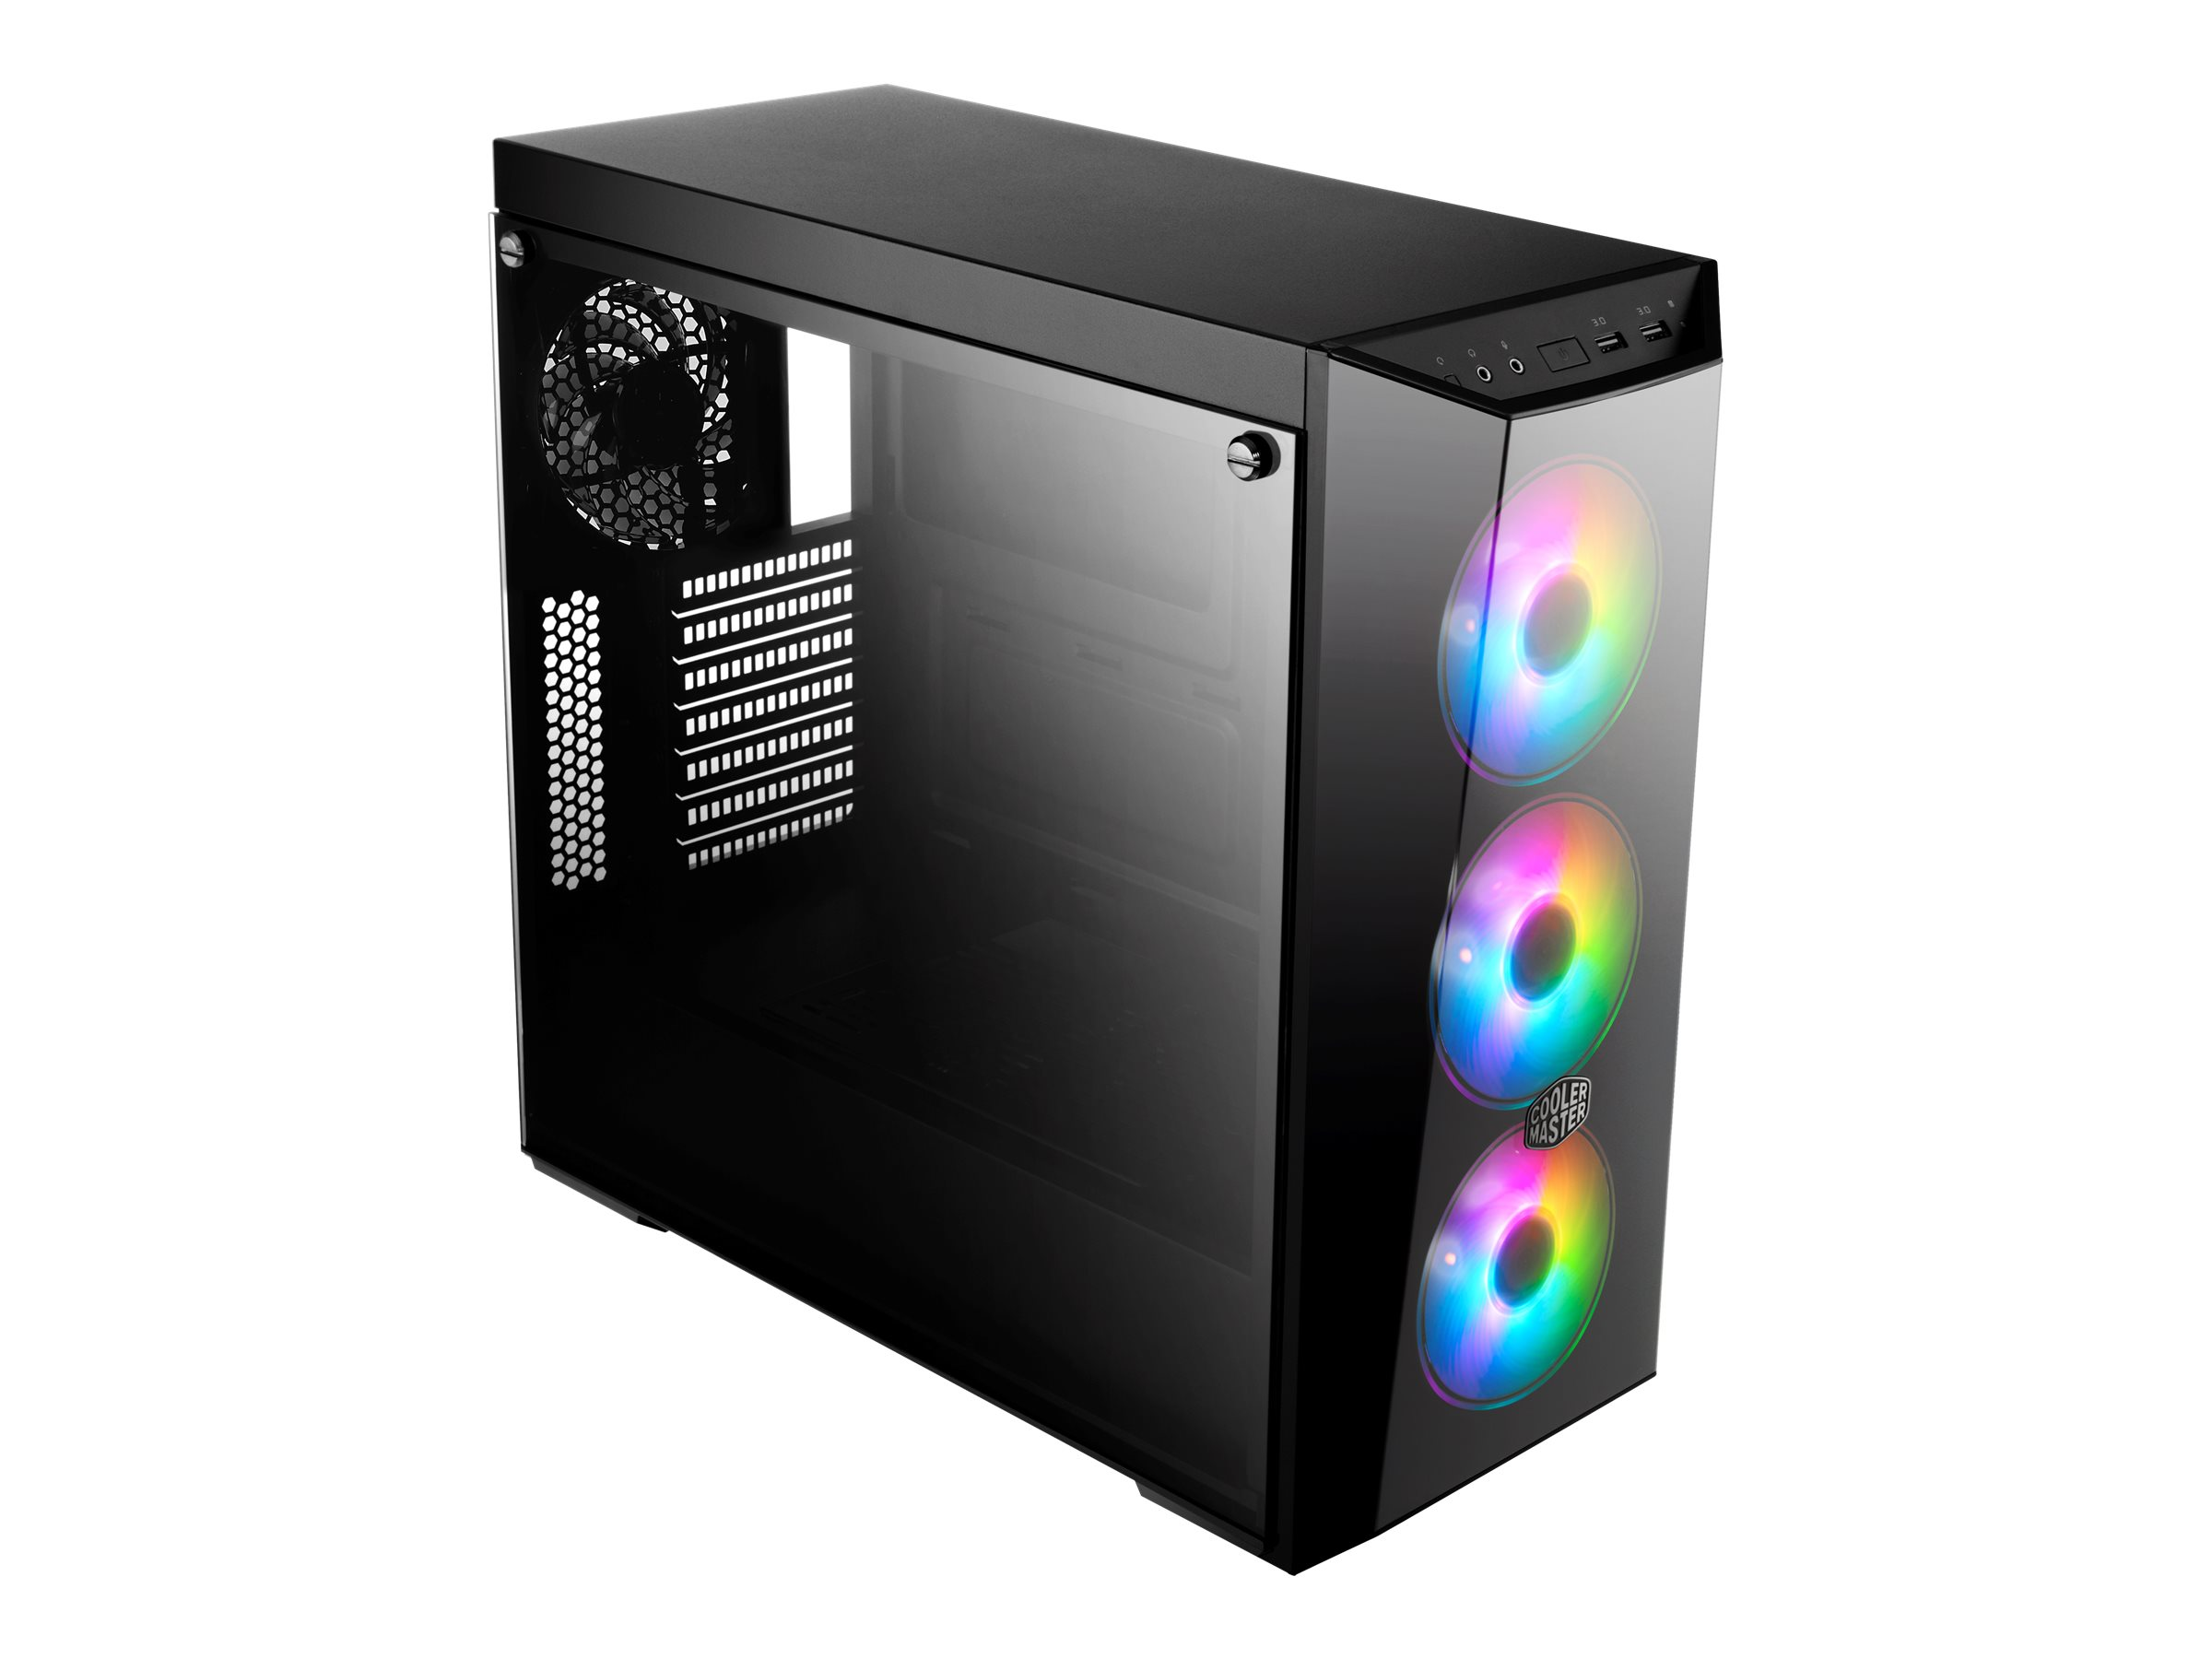 Vorschau: Cooler Master MasterBox Lite 5 ARGB - Tower - ATX - ohne Netzteil (ATX)